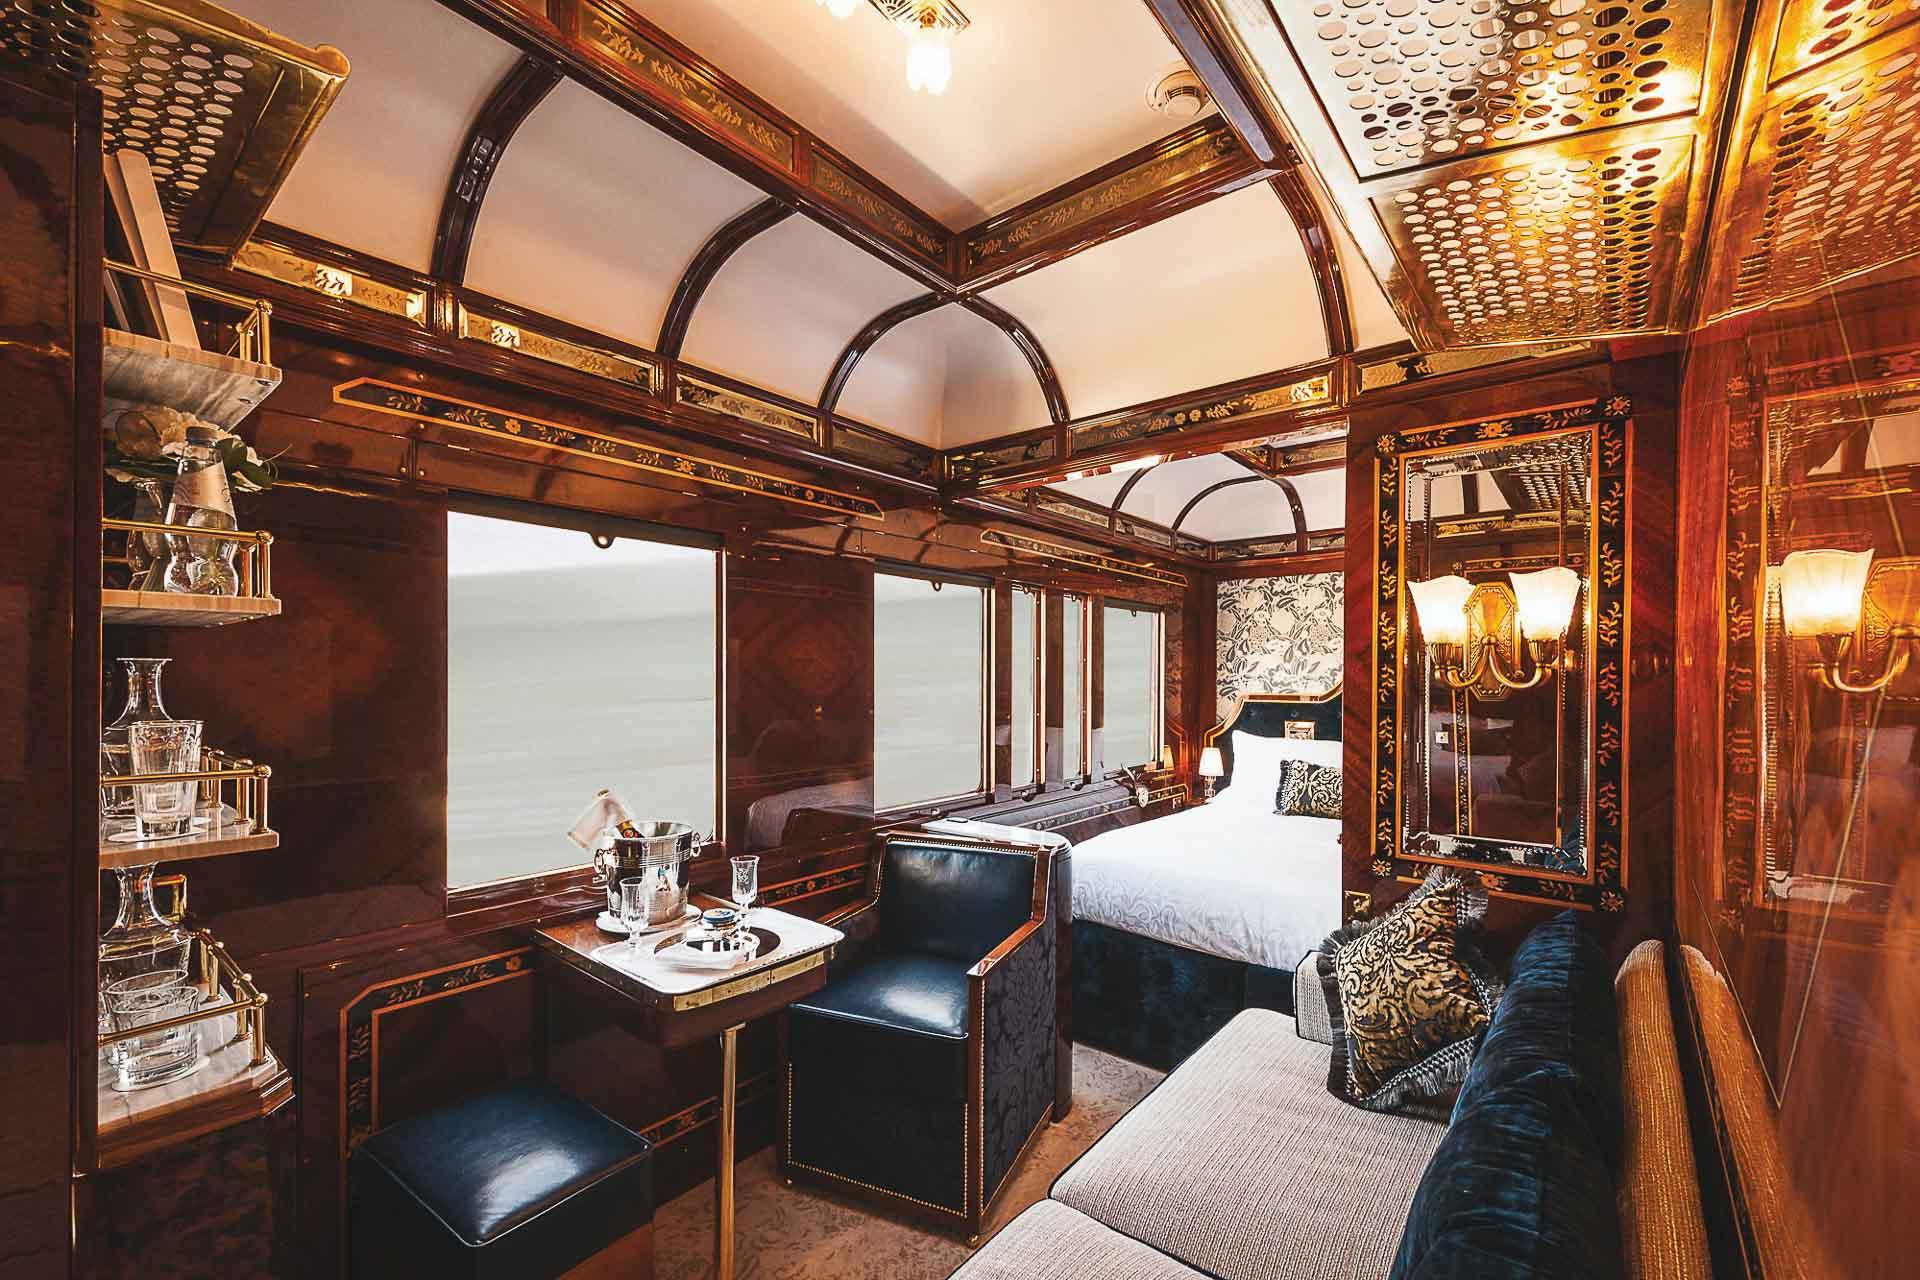 Depuis le 21 mars, le légendaire Venice Simplon-Orient- Express se métamorphose et accueille à son bord trois suites de grand luxe pour les voyageurs en quête d'expériences toujours plus exclusives. Découverte en images.